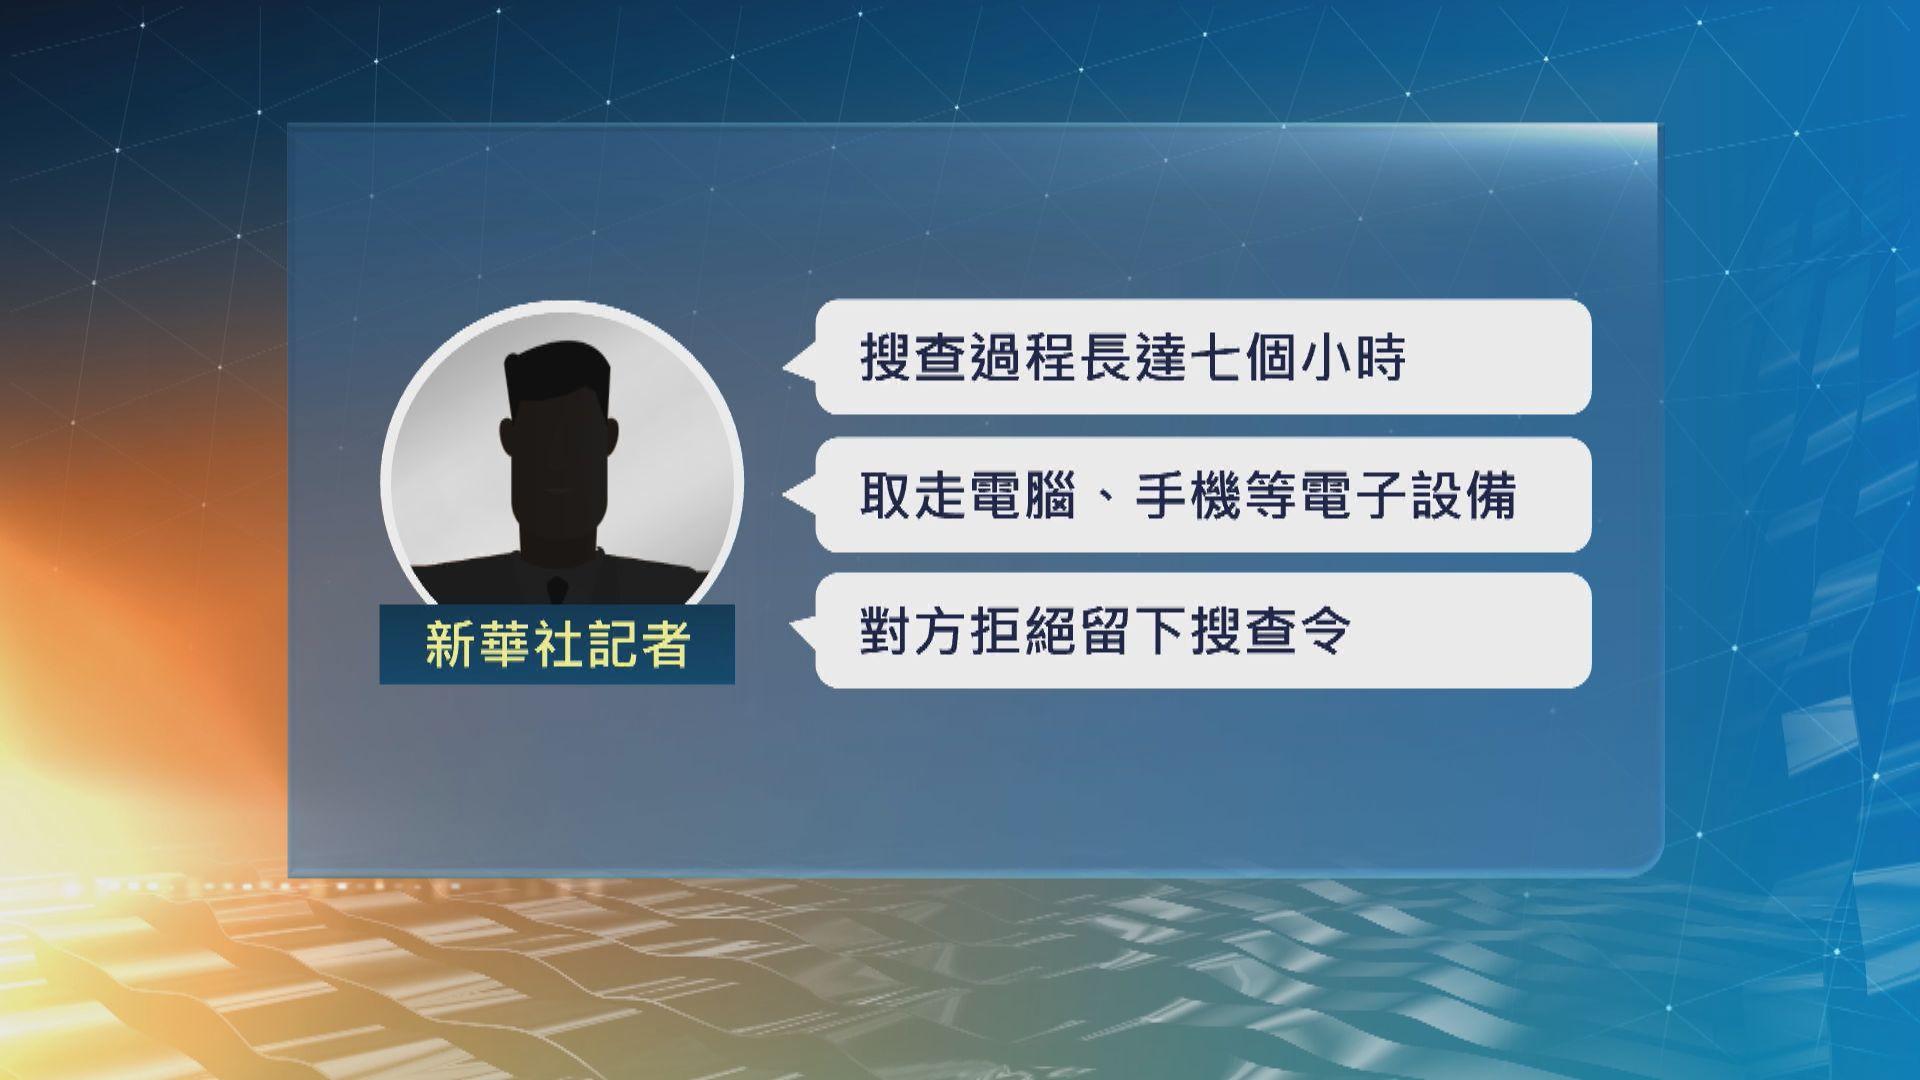 新華社駐悉尼記者遭搜查寓所 外交部向澳洲提嚴正交涉